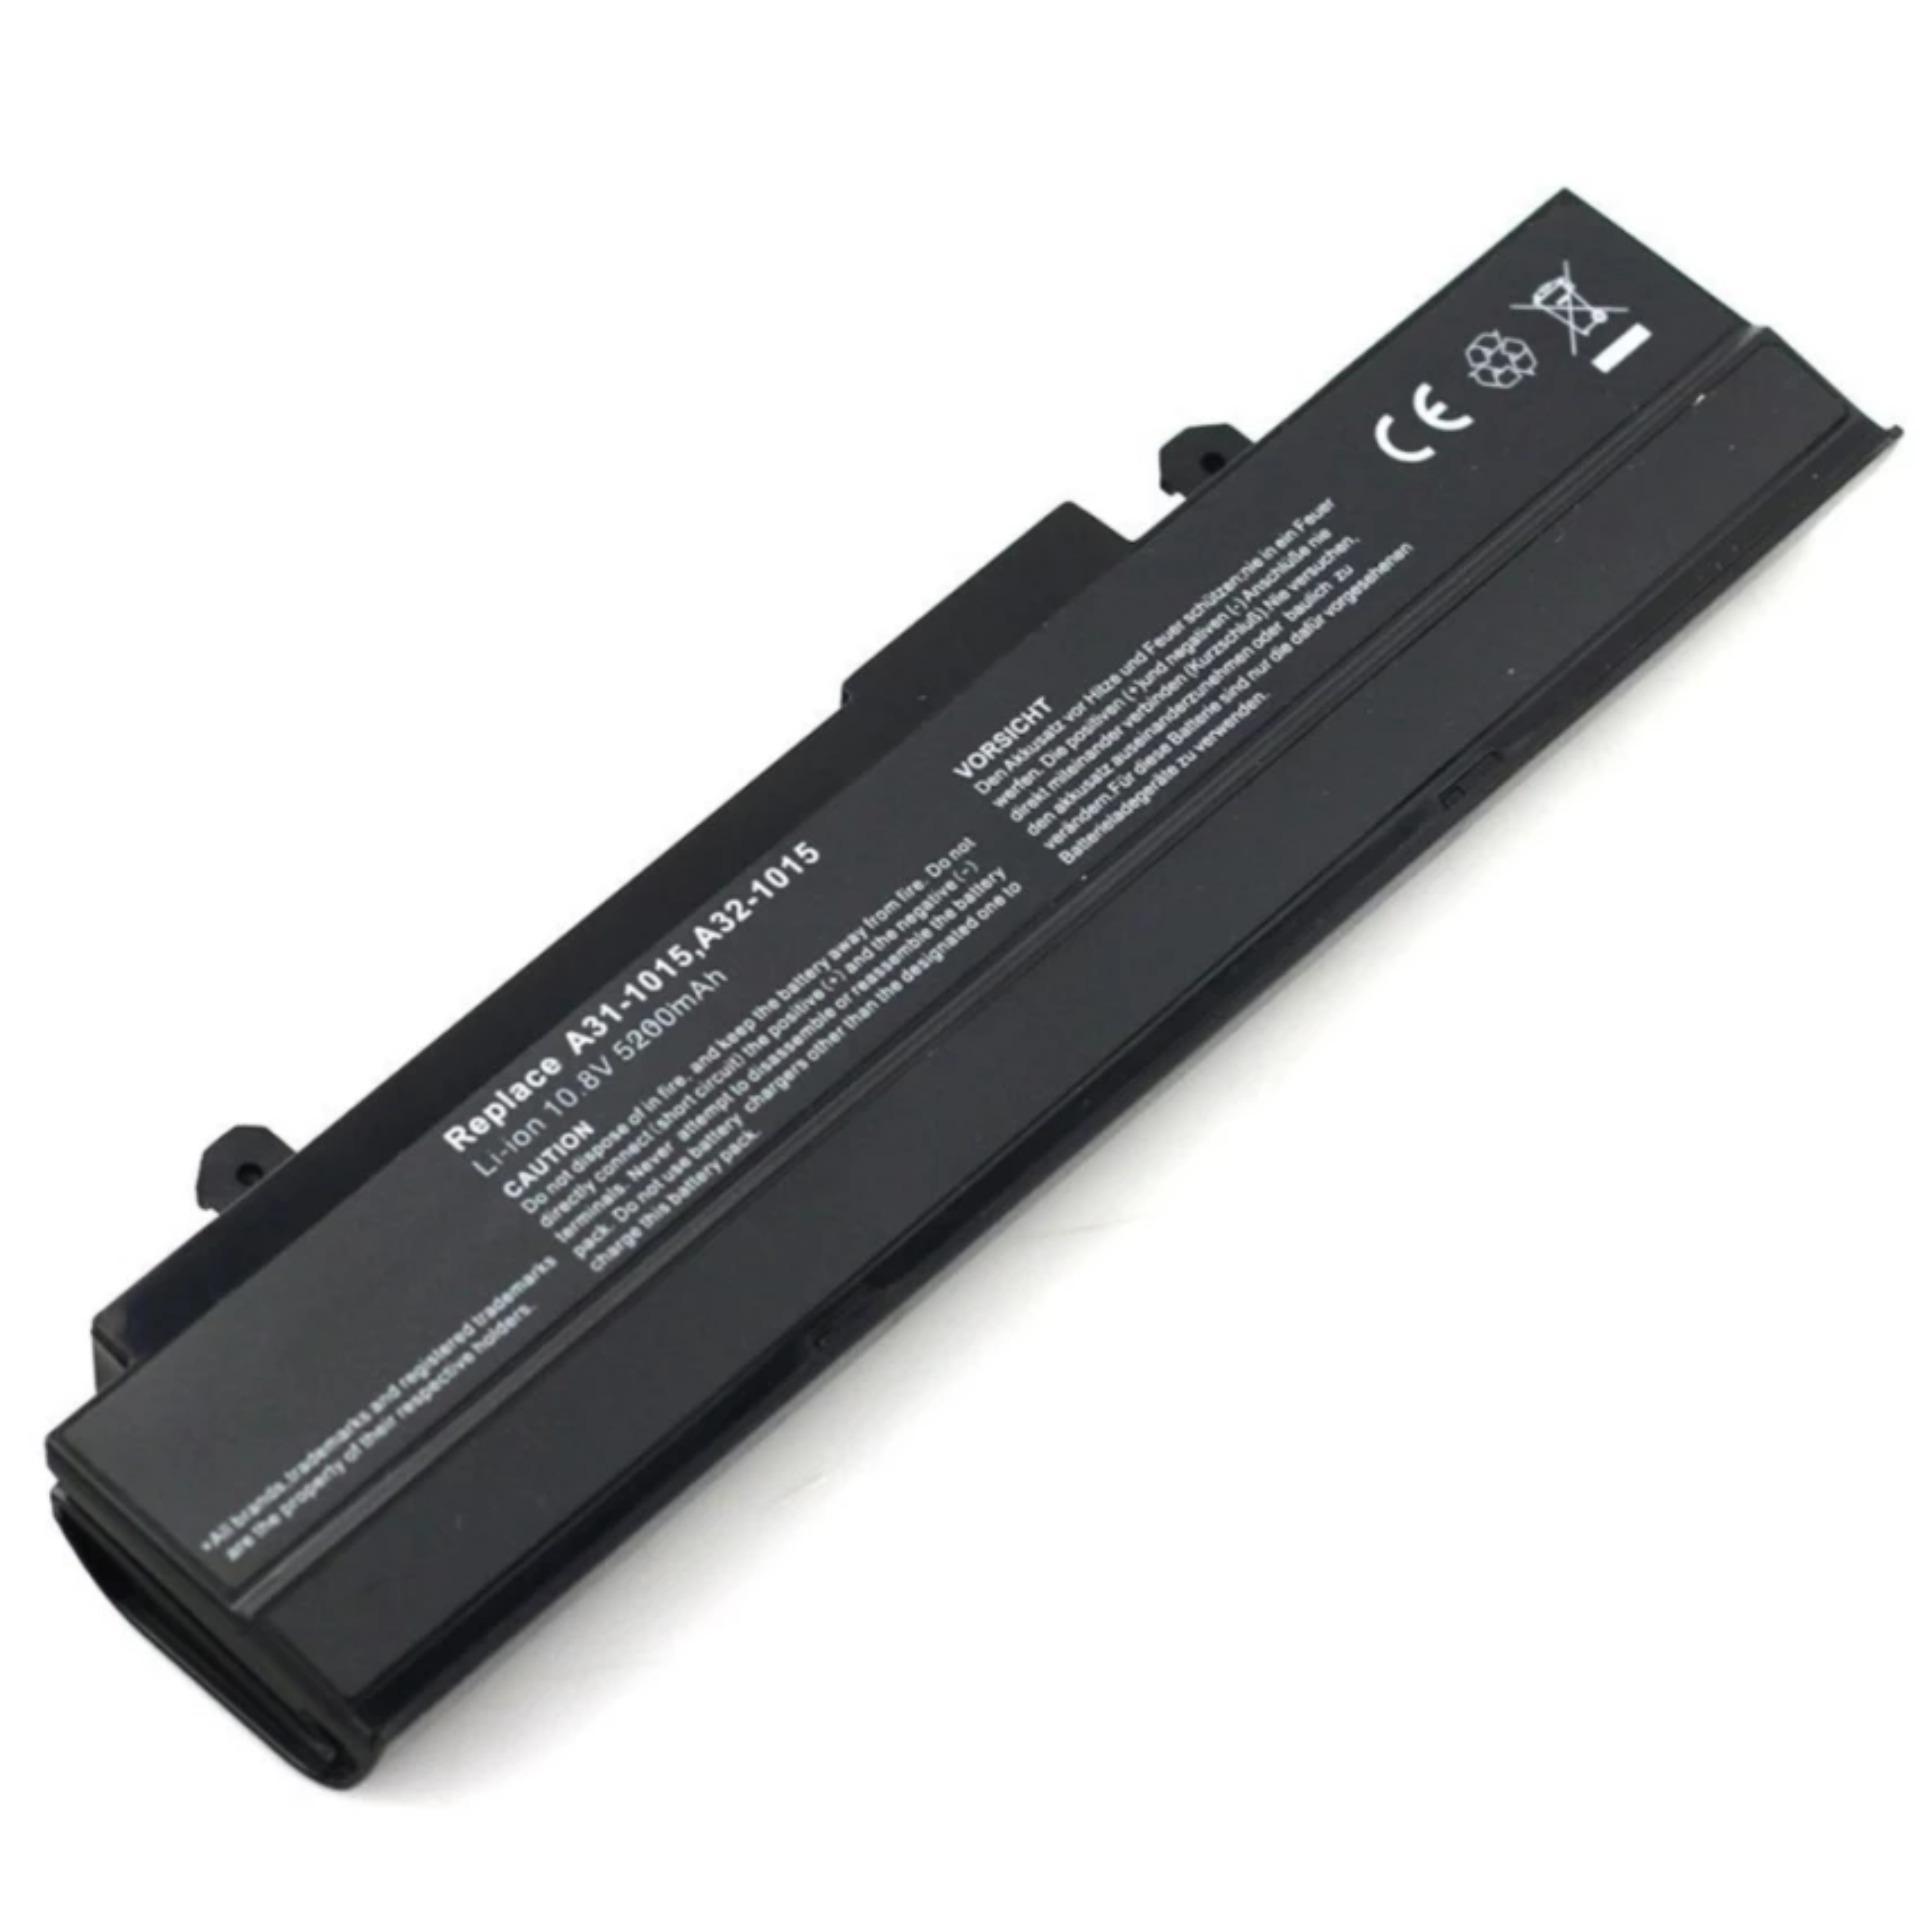 Asus Lcd Eee Pc 1015 Putih Daftar Harga Terbaru Dan Terupdate High Quality Keyboard Laptop 1015b 1015bx 1015cx 1015p 1015t 1015e Hitam Baterai Battery Batre 1015h 1015c 1015pem